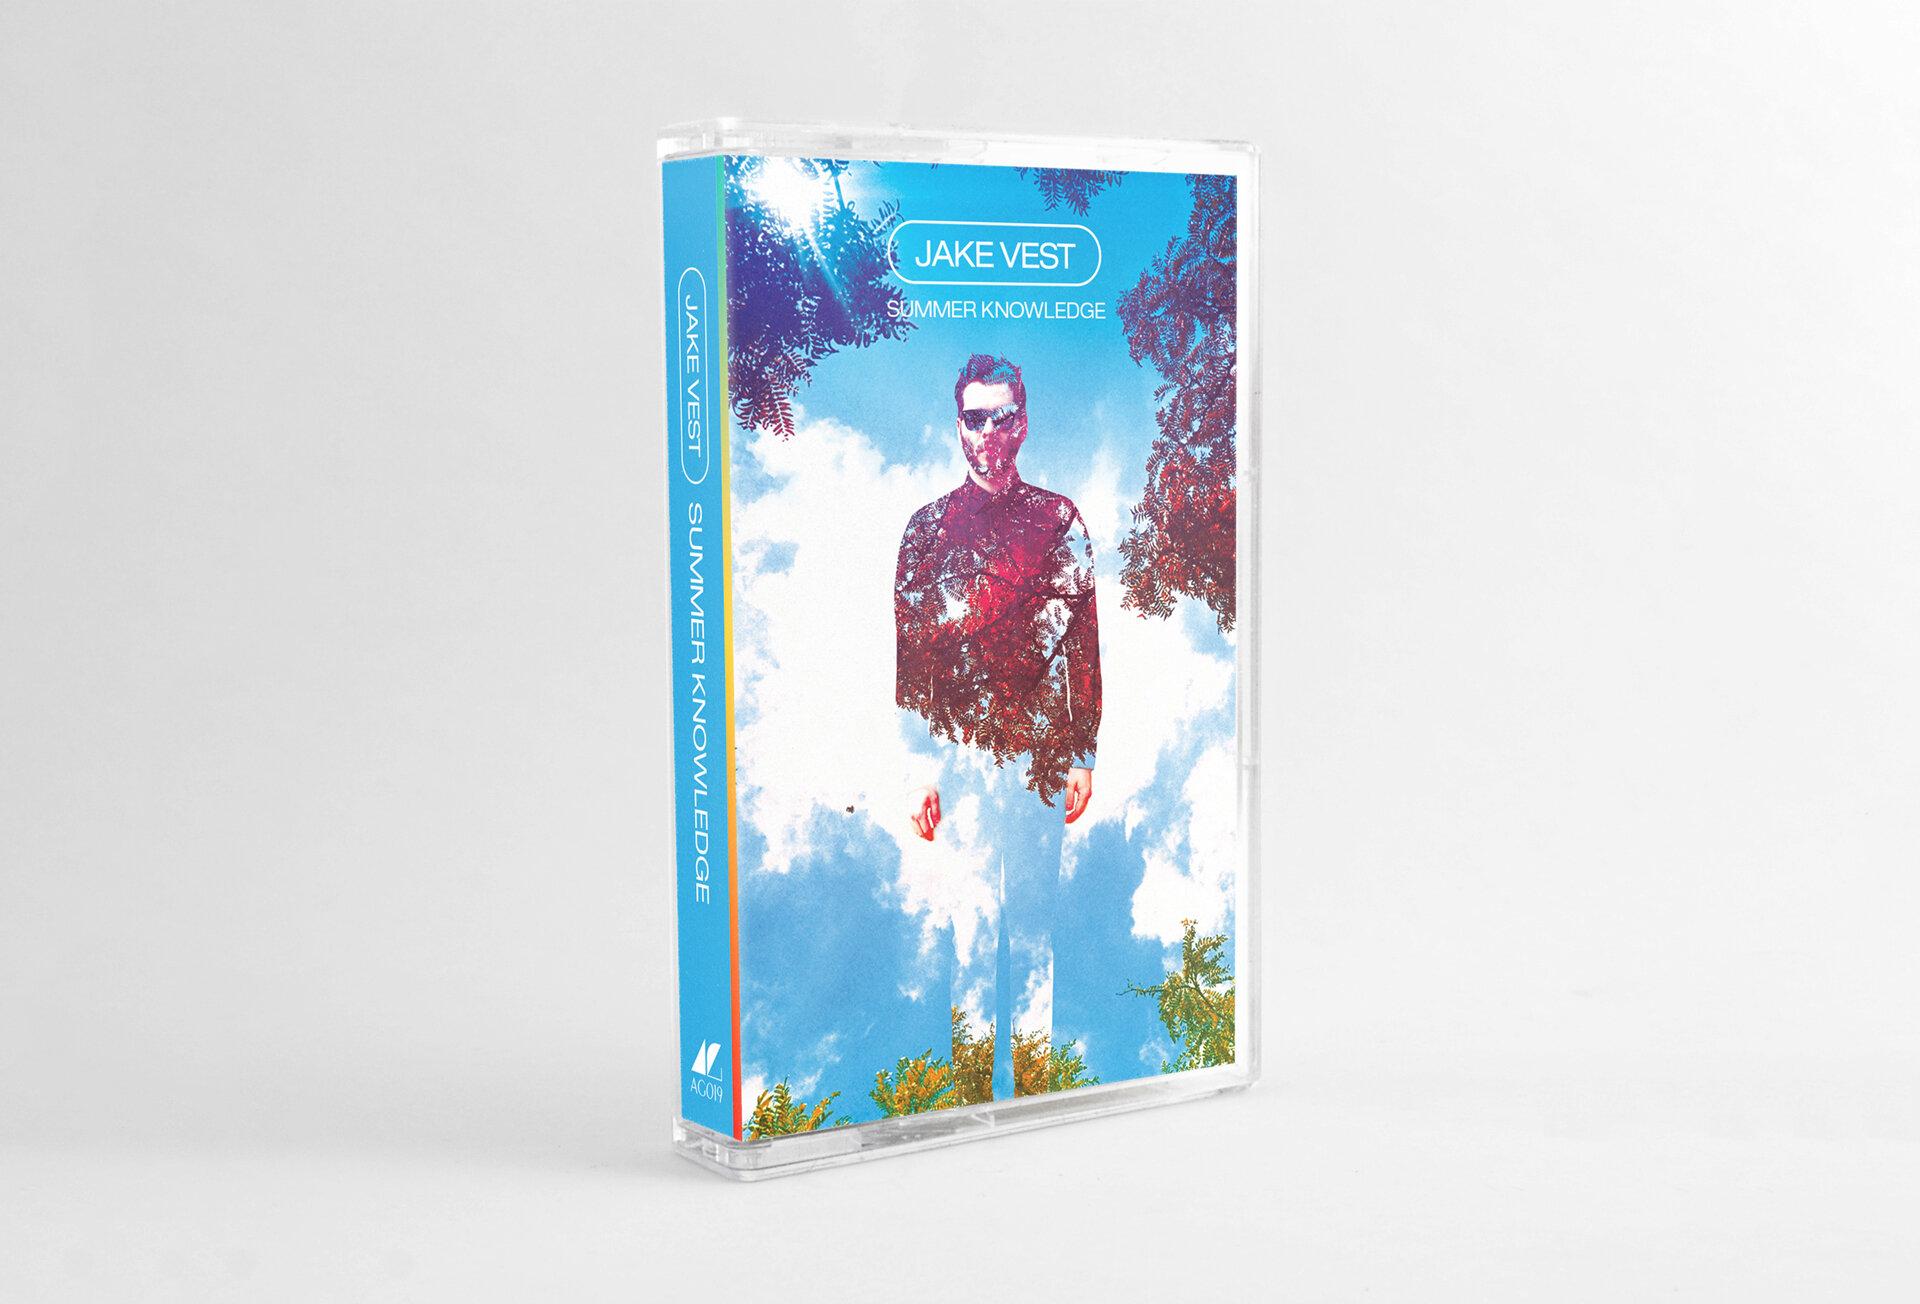 JVSK_Cassette-Cover-Mockup.jpg